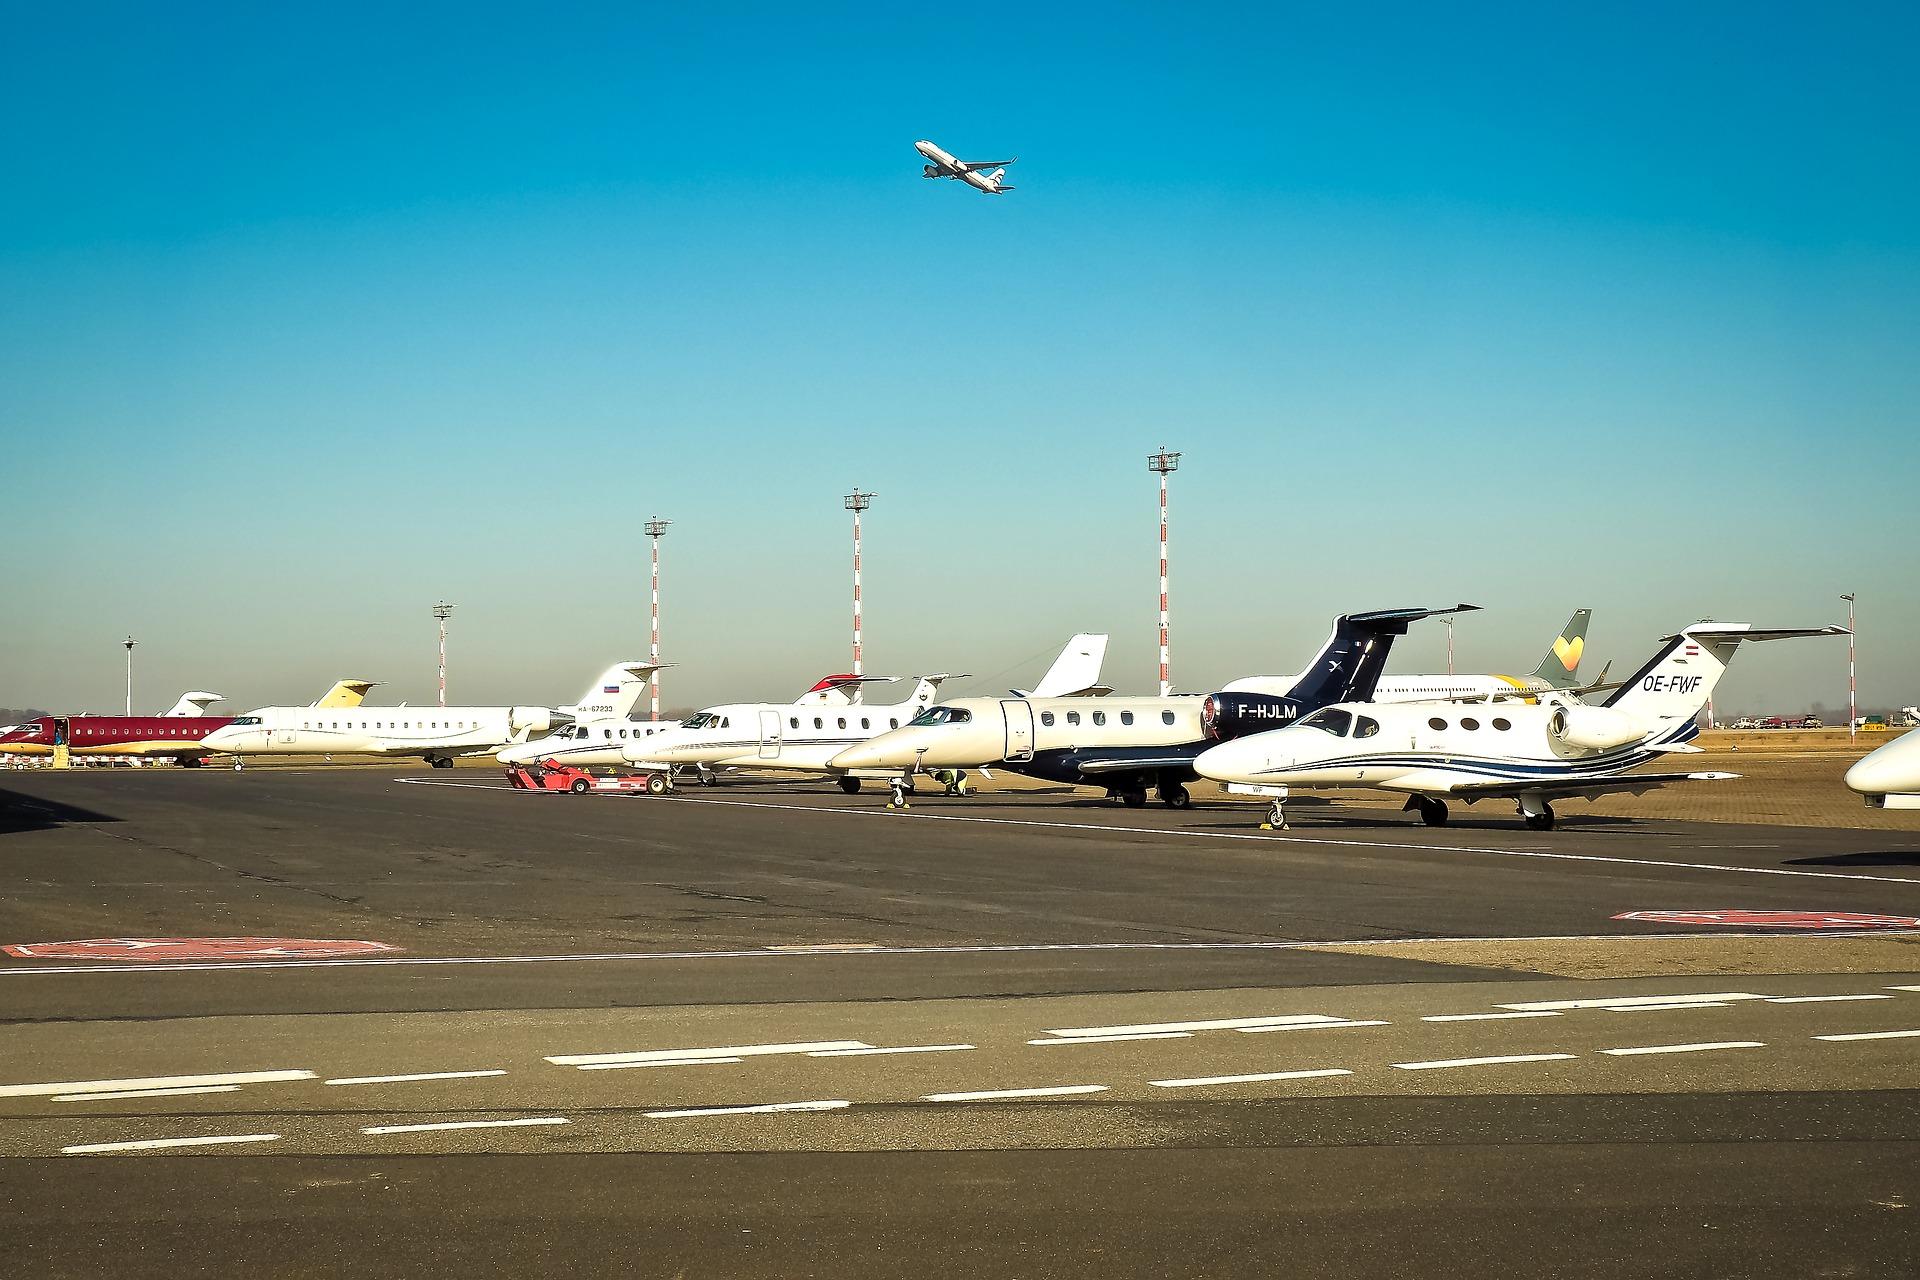 צי מטוסים בינלאומי